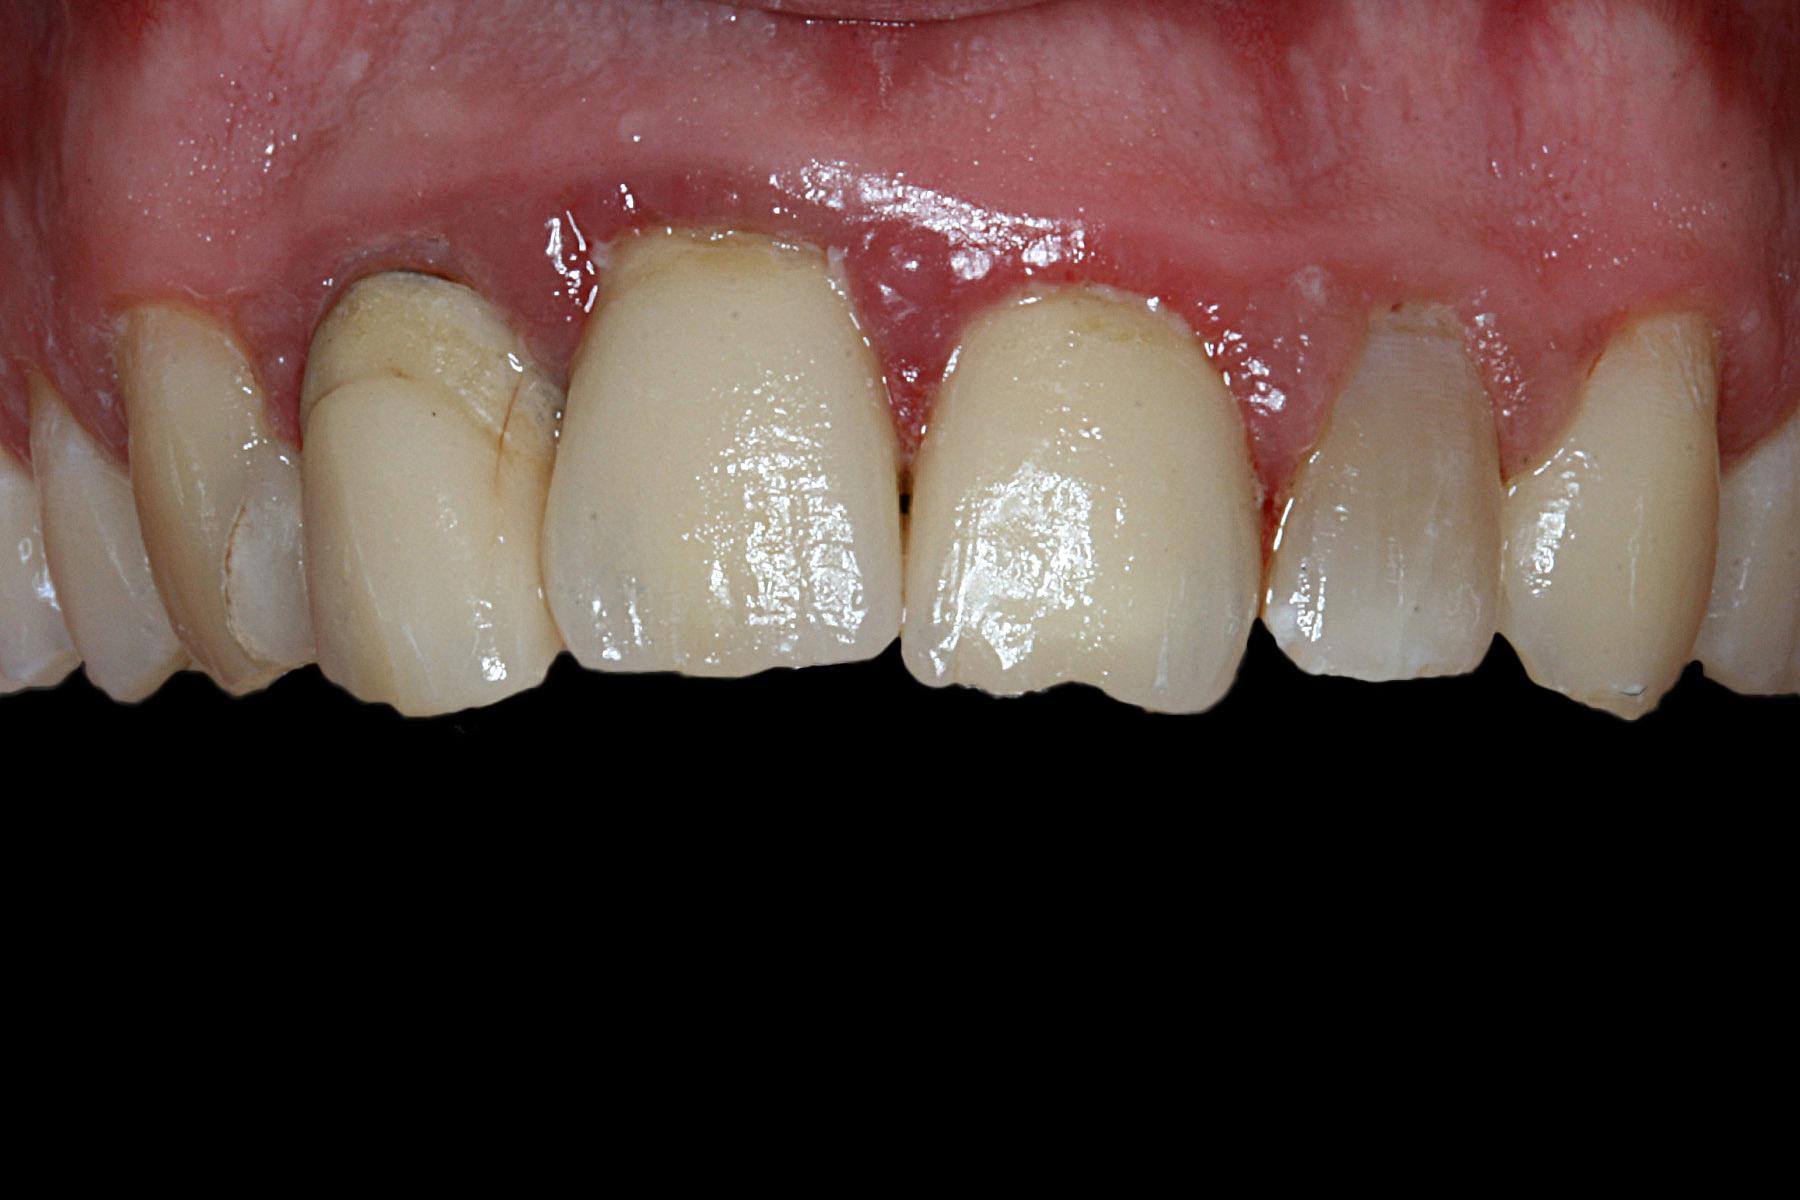 Before-Zahnfleischbehandlung